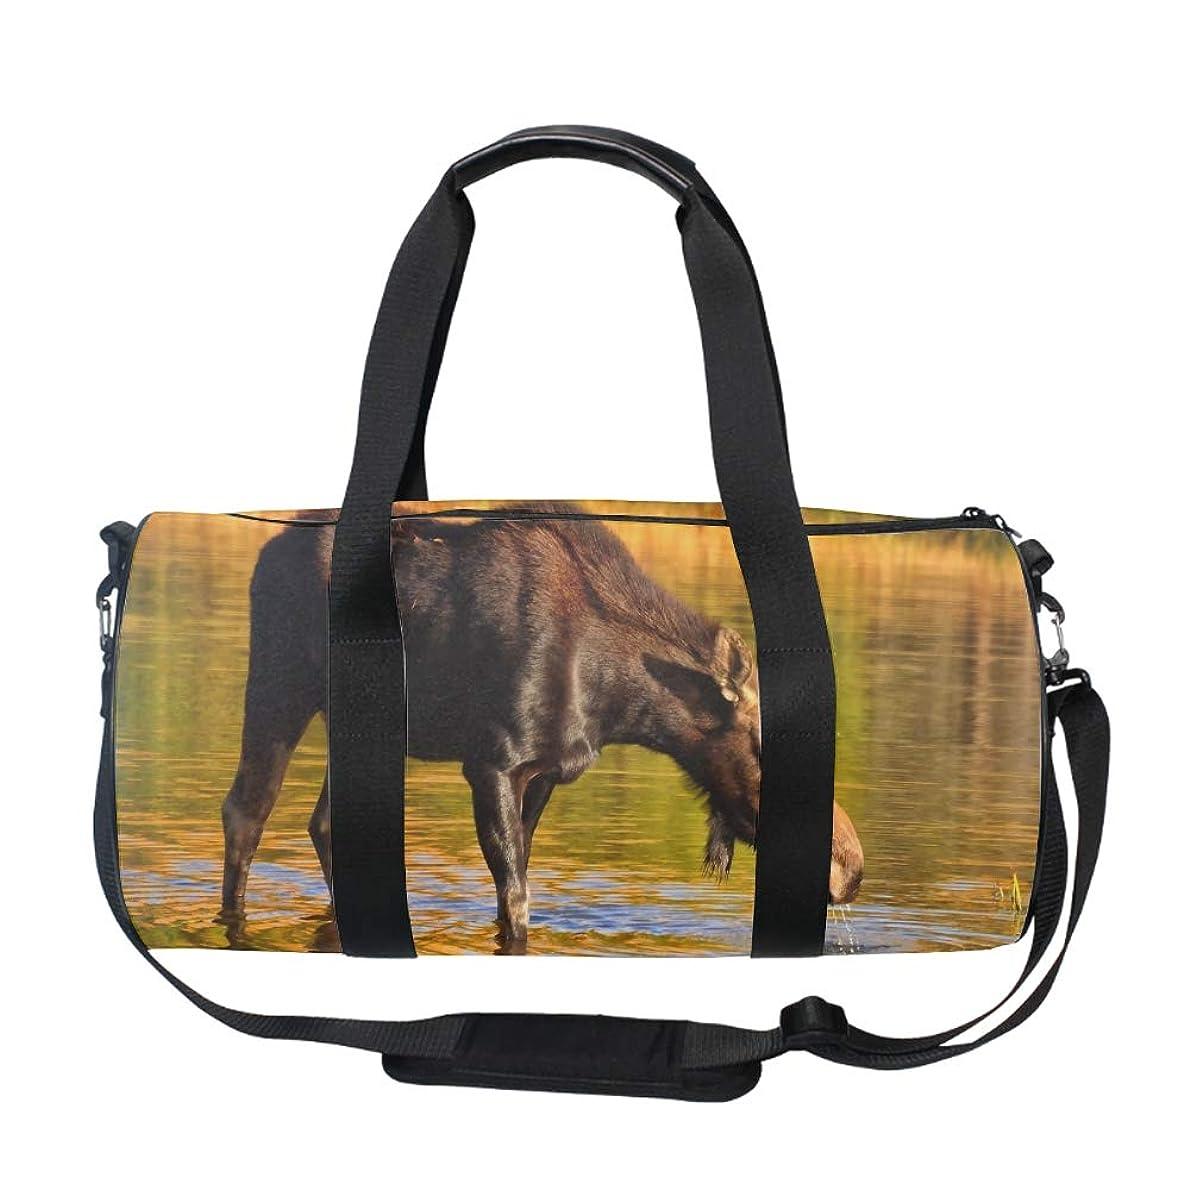 何よりも広げる内なるムースコスメバッグ 化粧ポーチ メイクバッグ ギフトプレゼント用 携帯可能